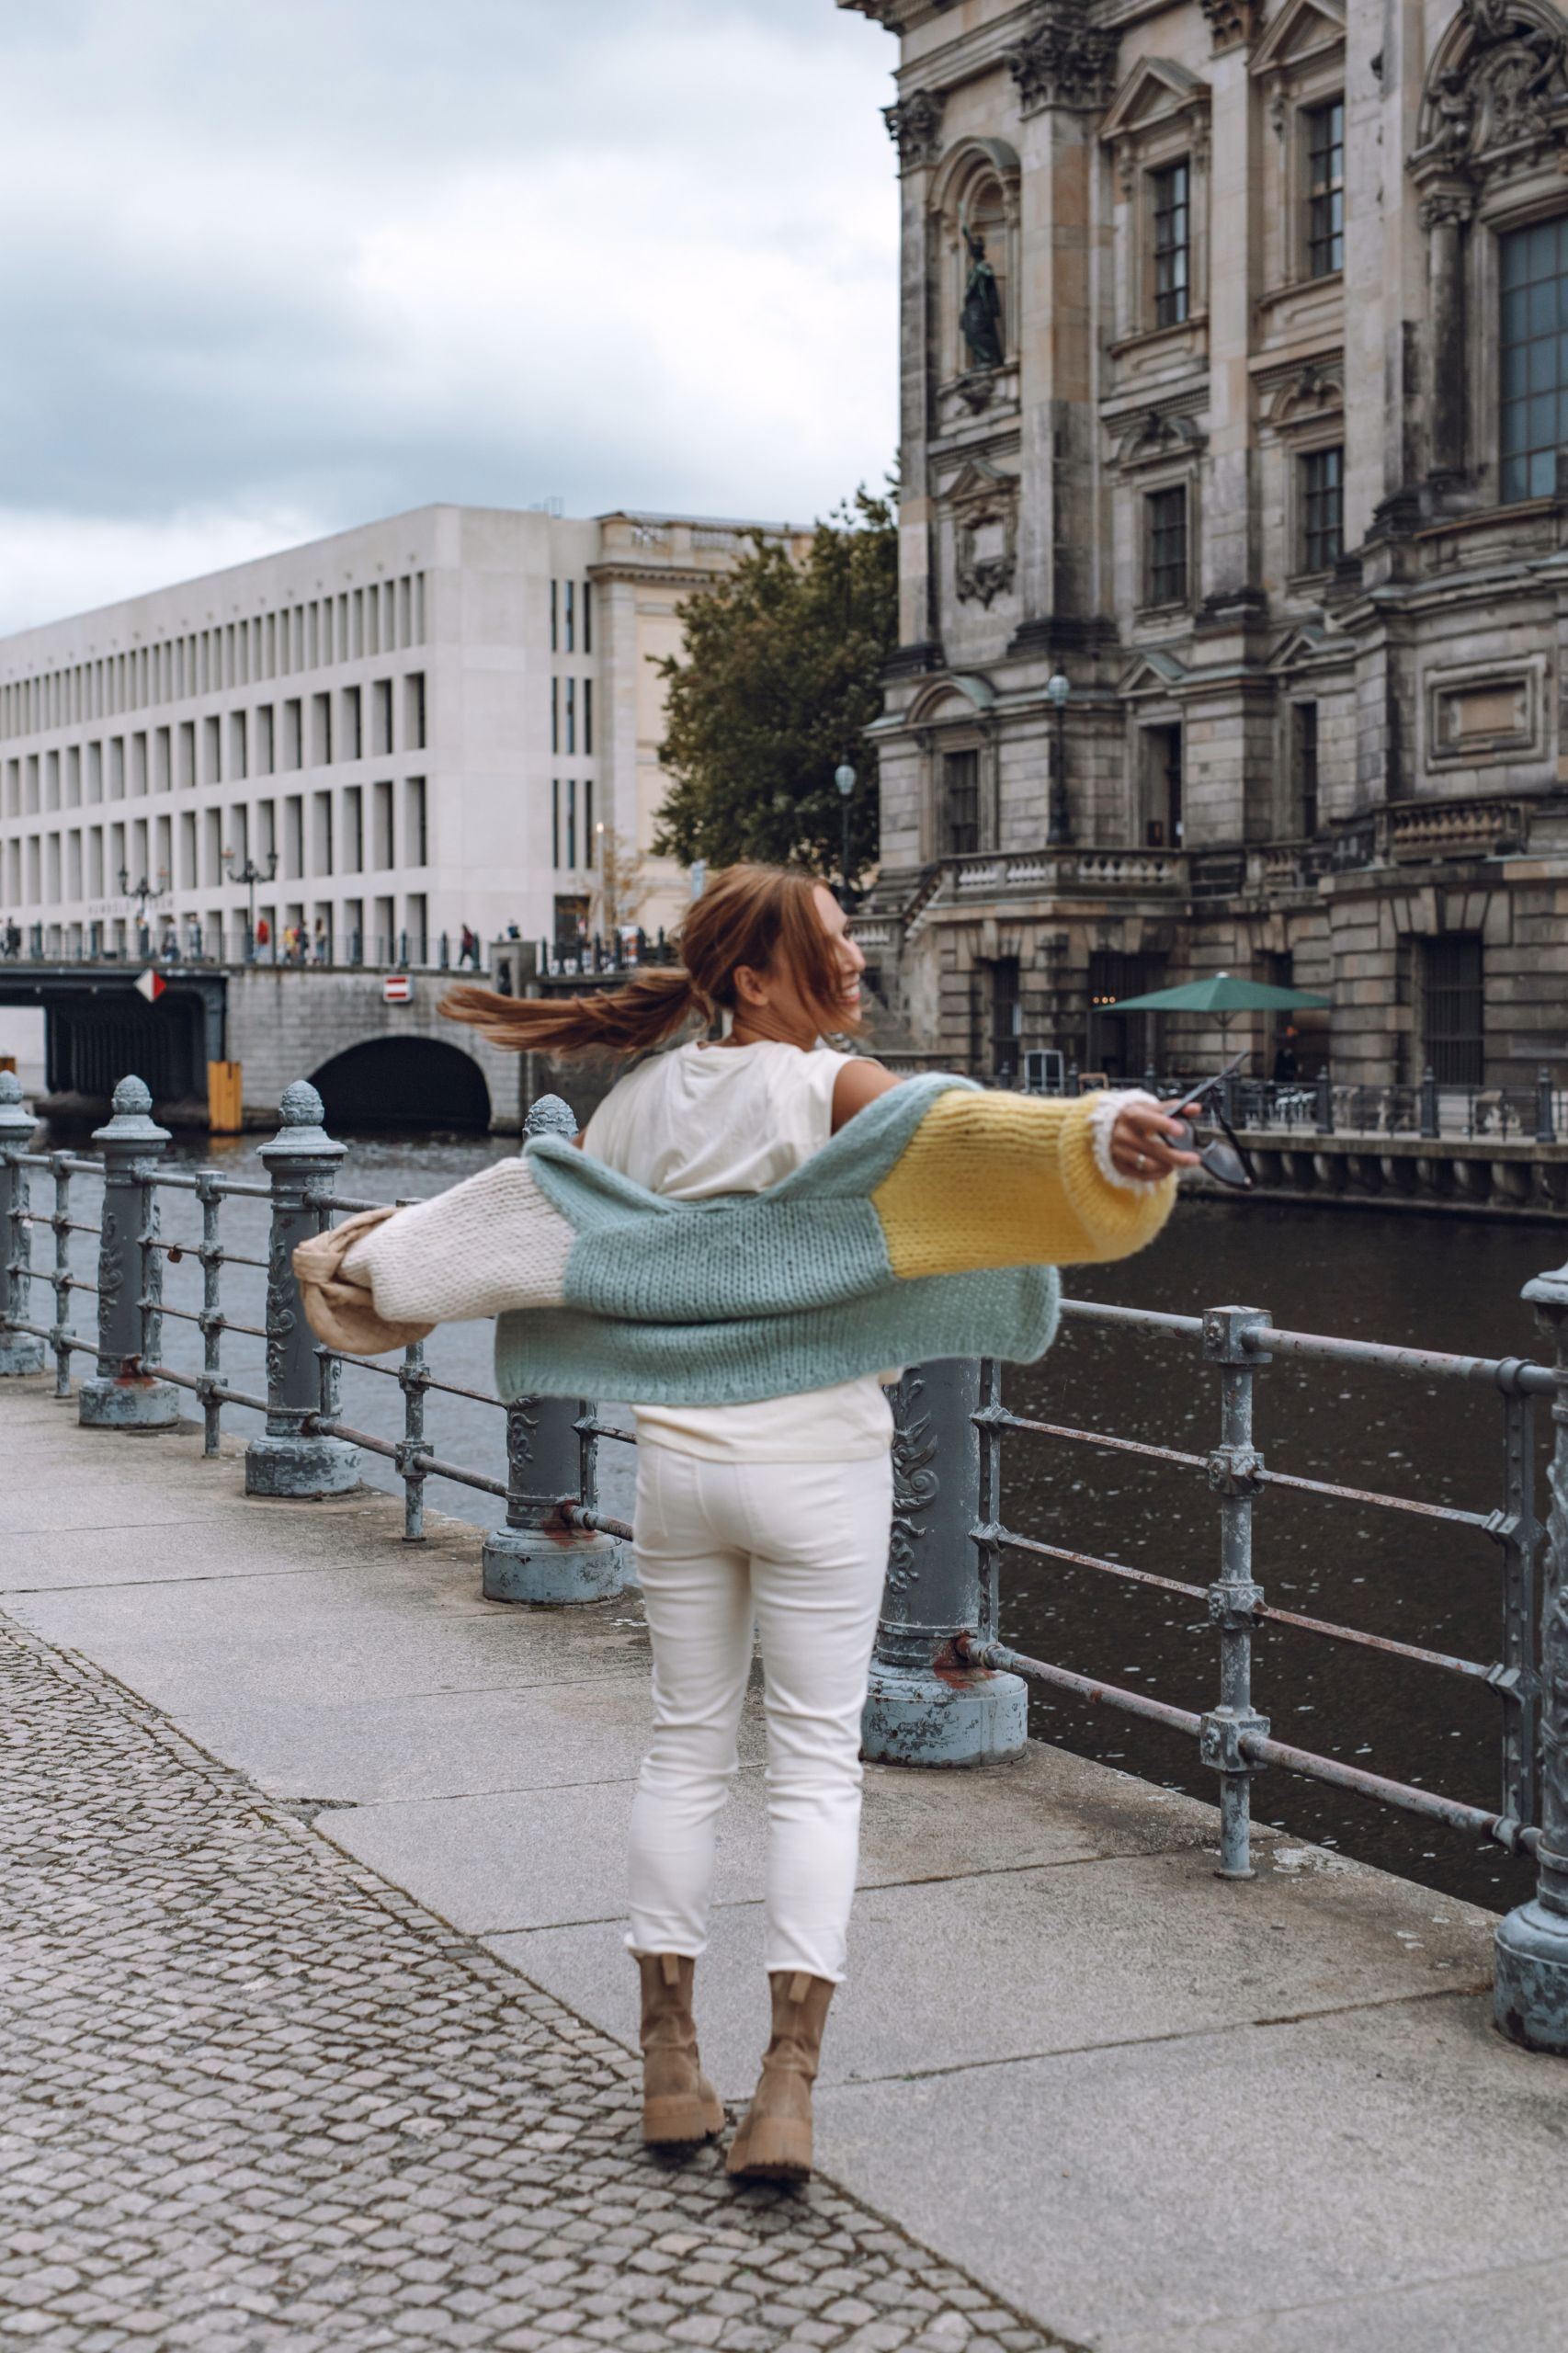 Raffaele Riccardi Combat Boots zu Evyinit Cardigan, Closed Jeans und Bottega Veneta Jodie Bag auf der Museumsinsel in Berlin